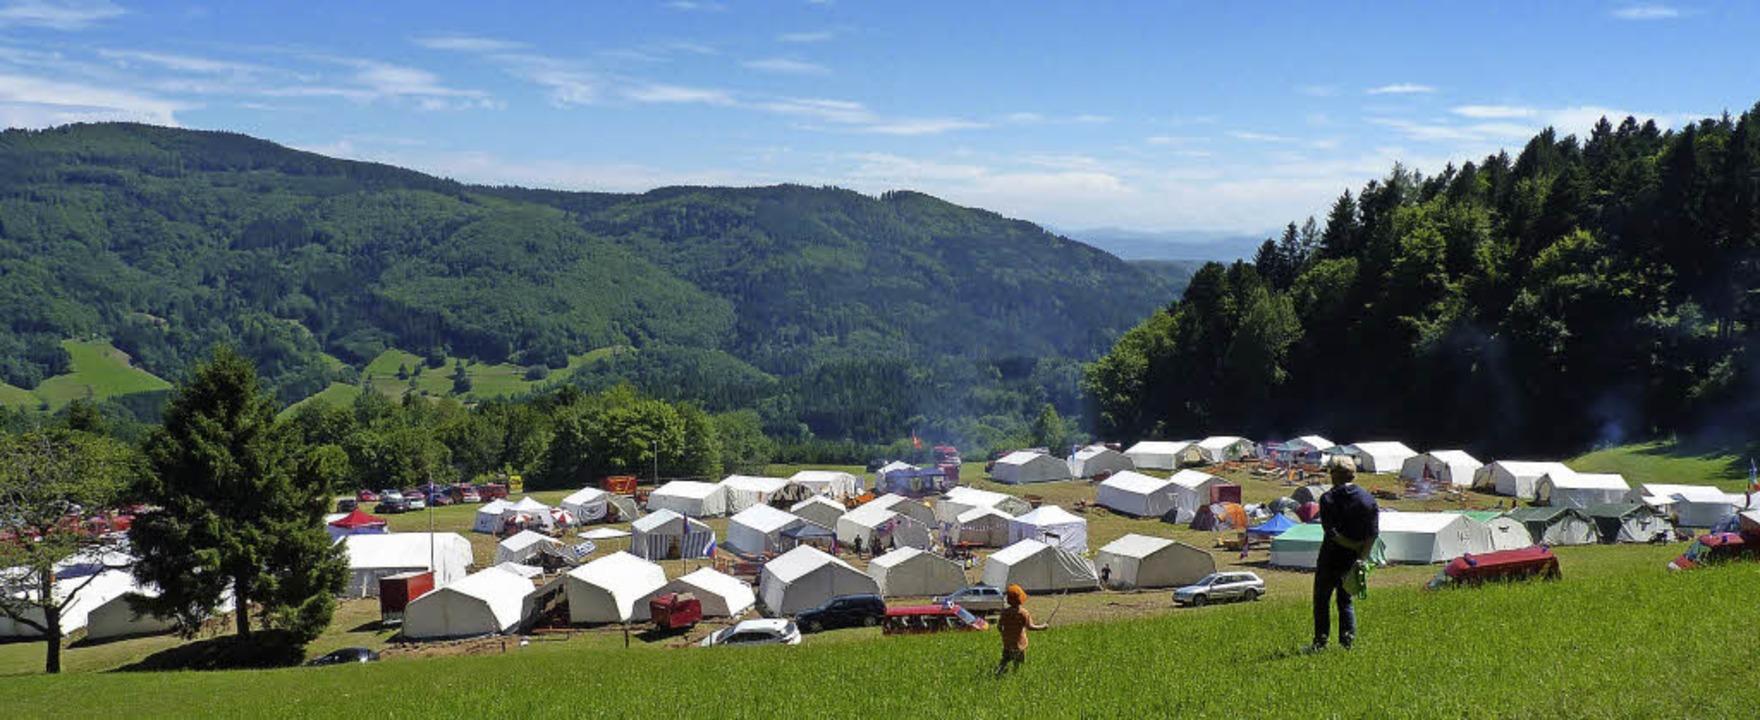 Das Zeltlager bei der Lindenhalle in Raich bot eine traumhafte Aussicht.   | Foto: Sonja Eiche